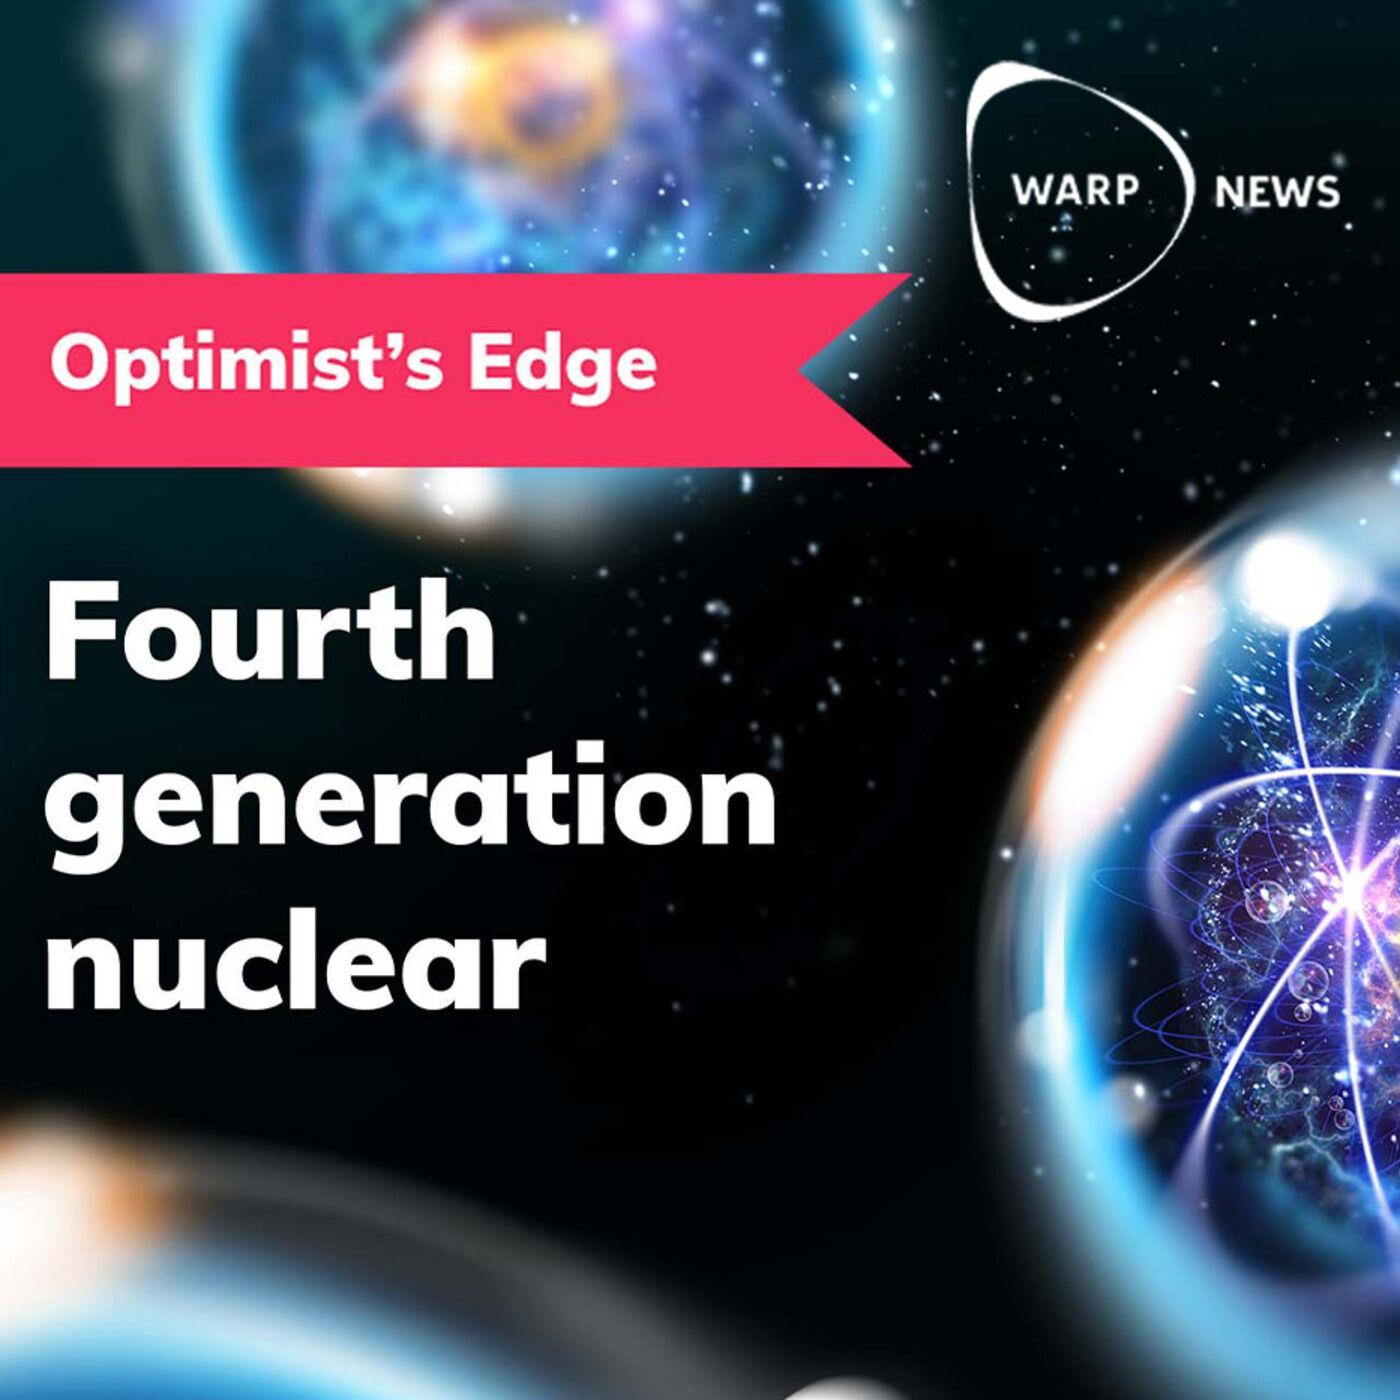 ☢️ Fourth generation nuclear power